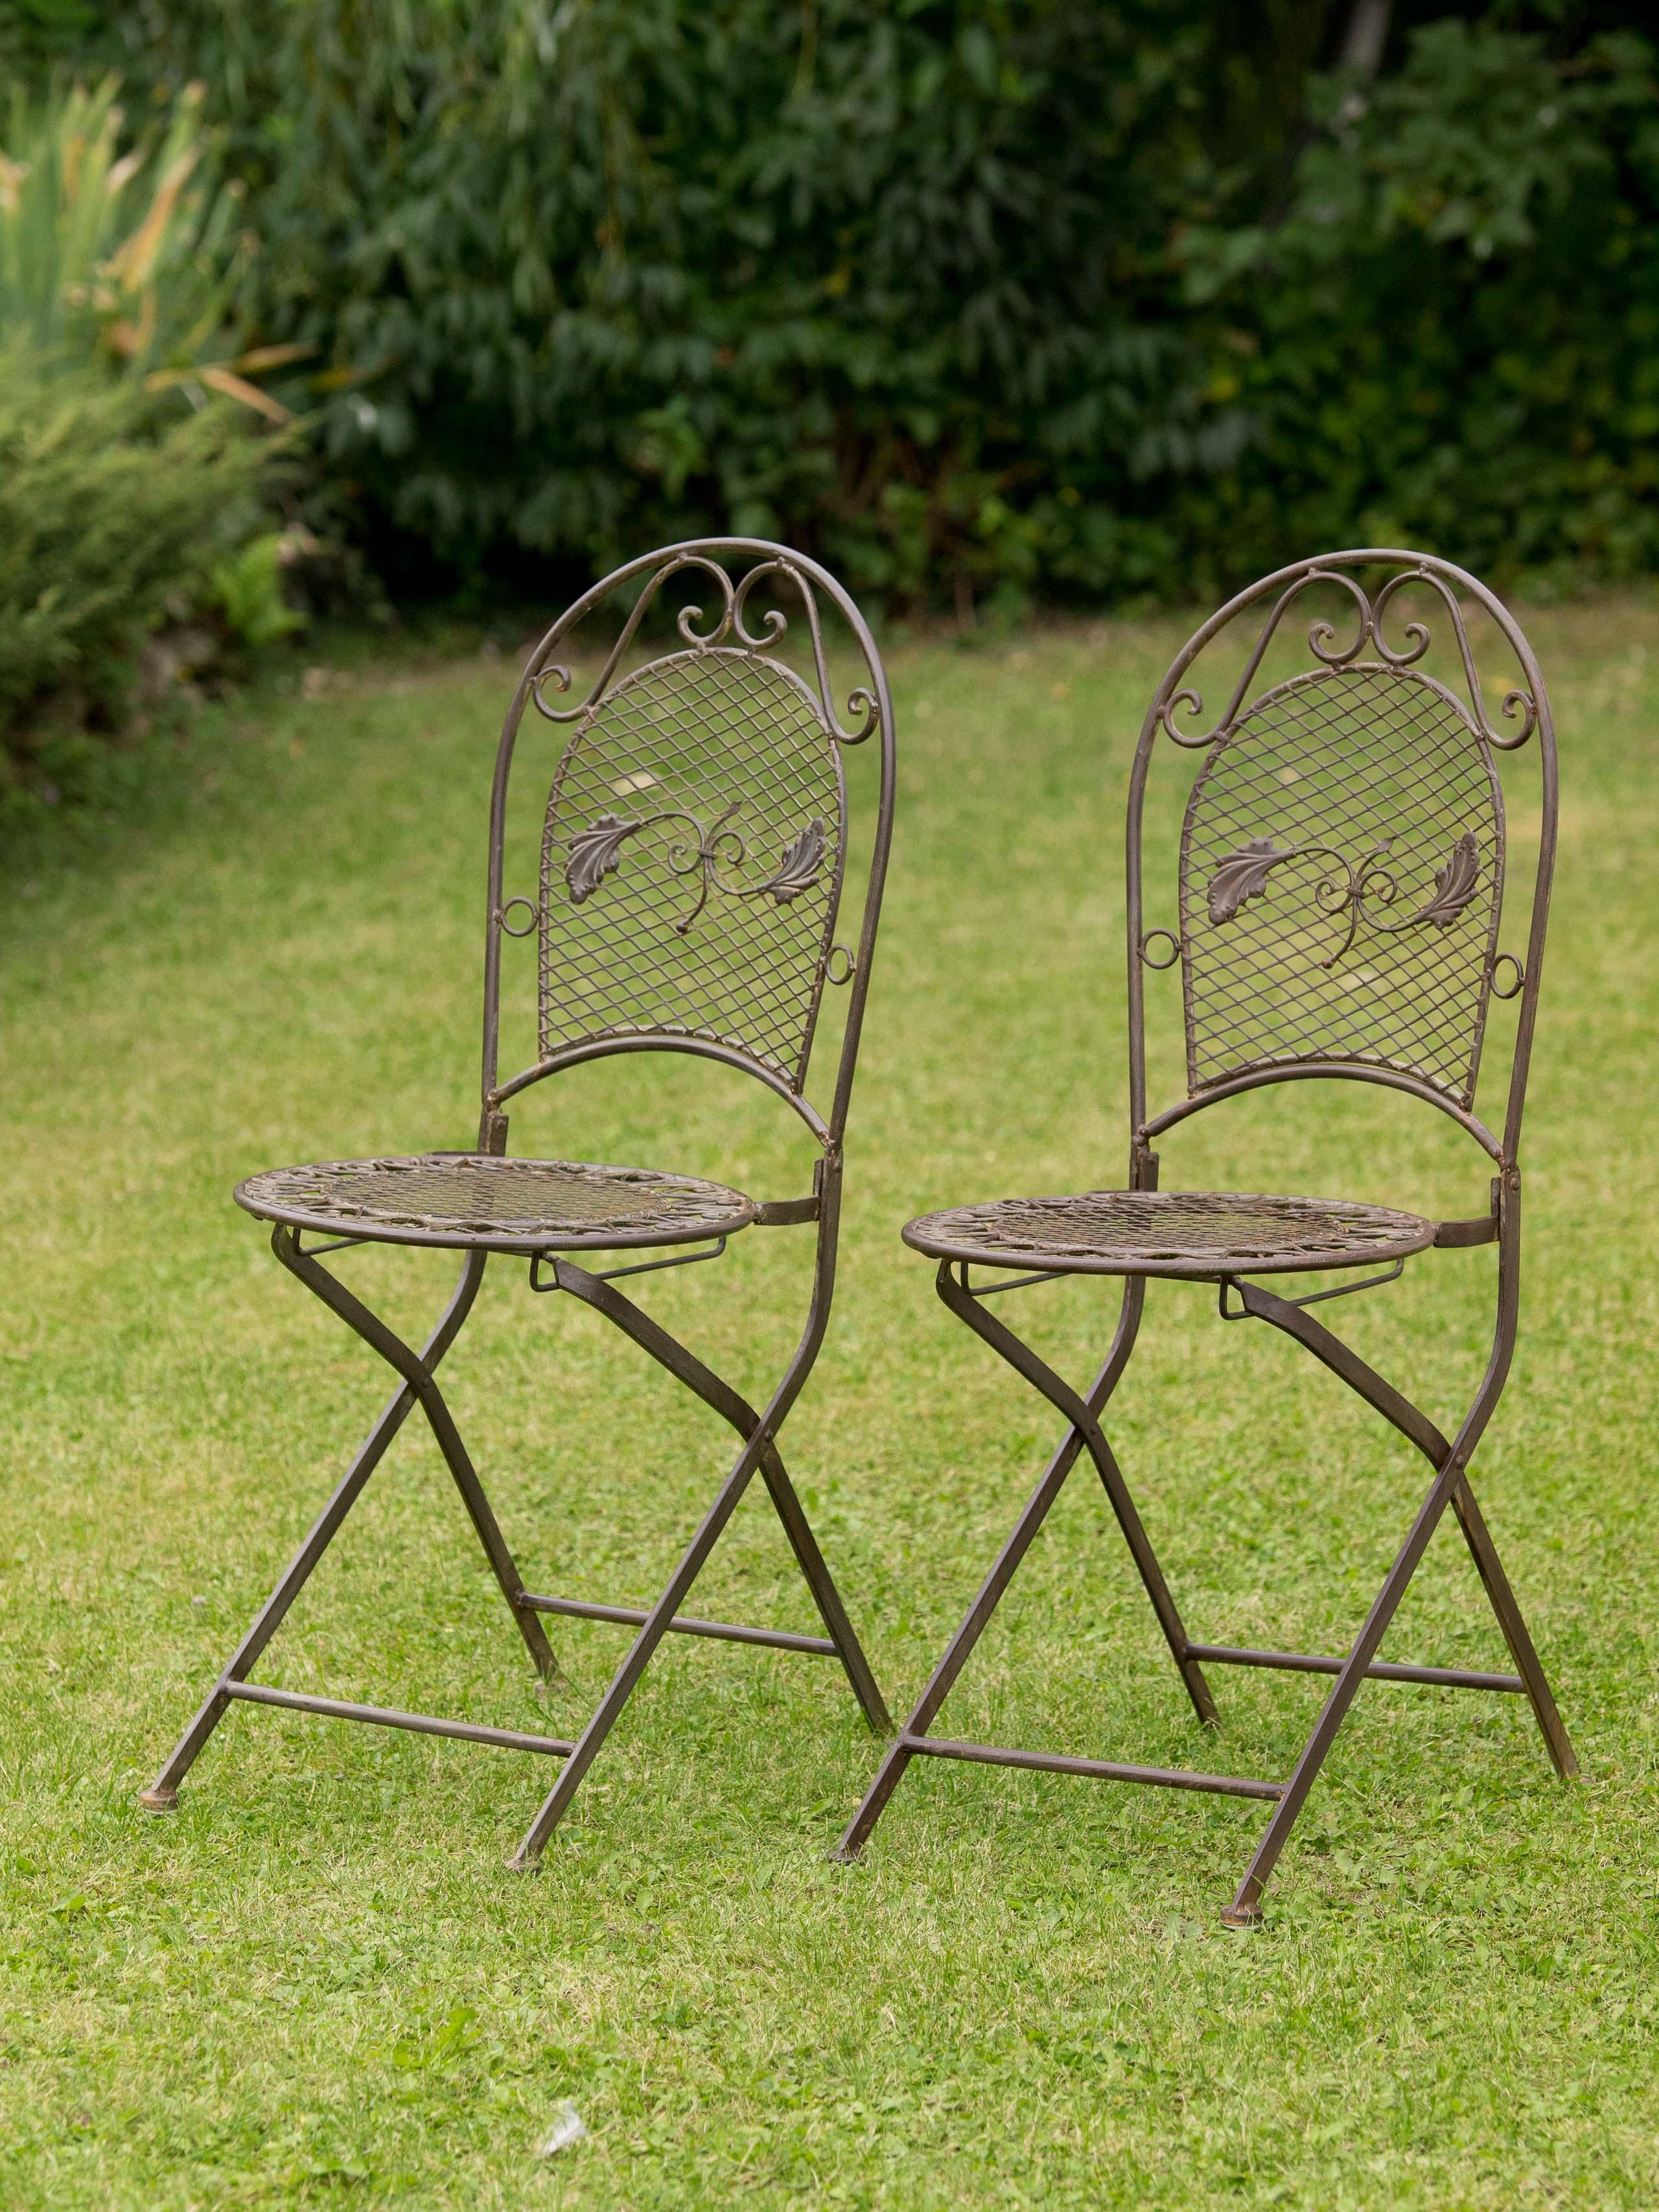 Tavoli Da Giardino Antichi.Tavolo Da Giardino 2x Sedia Di Ferro In Stile Antico Mobili